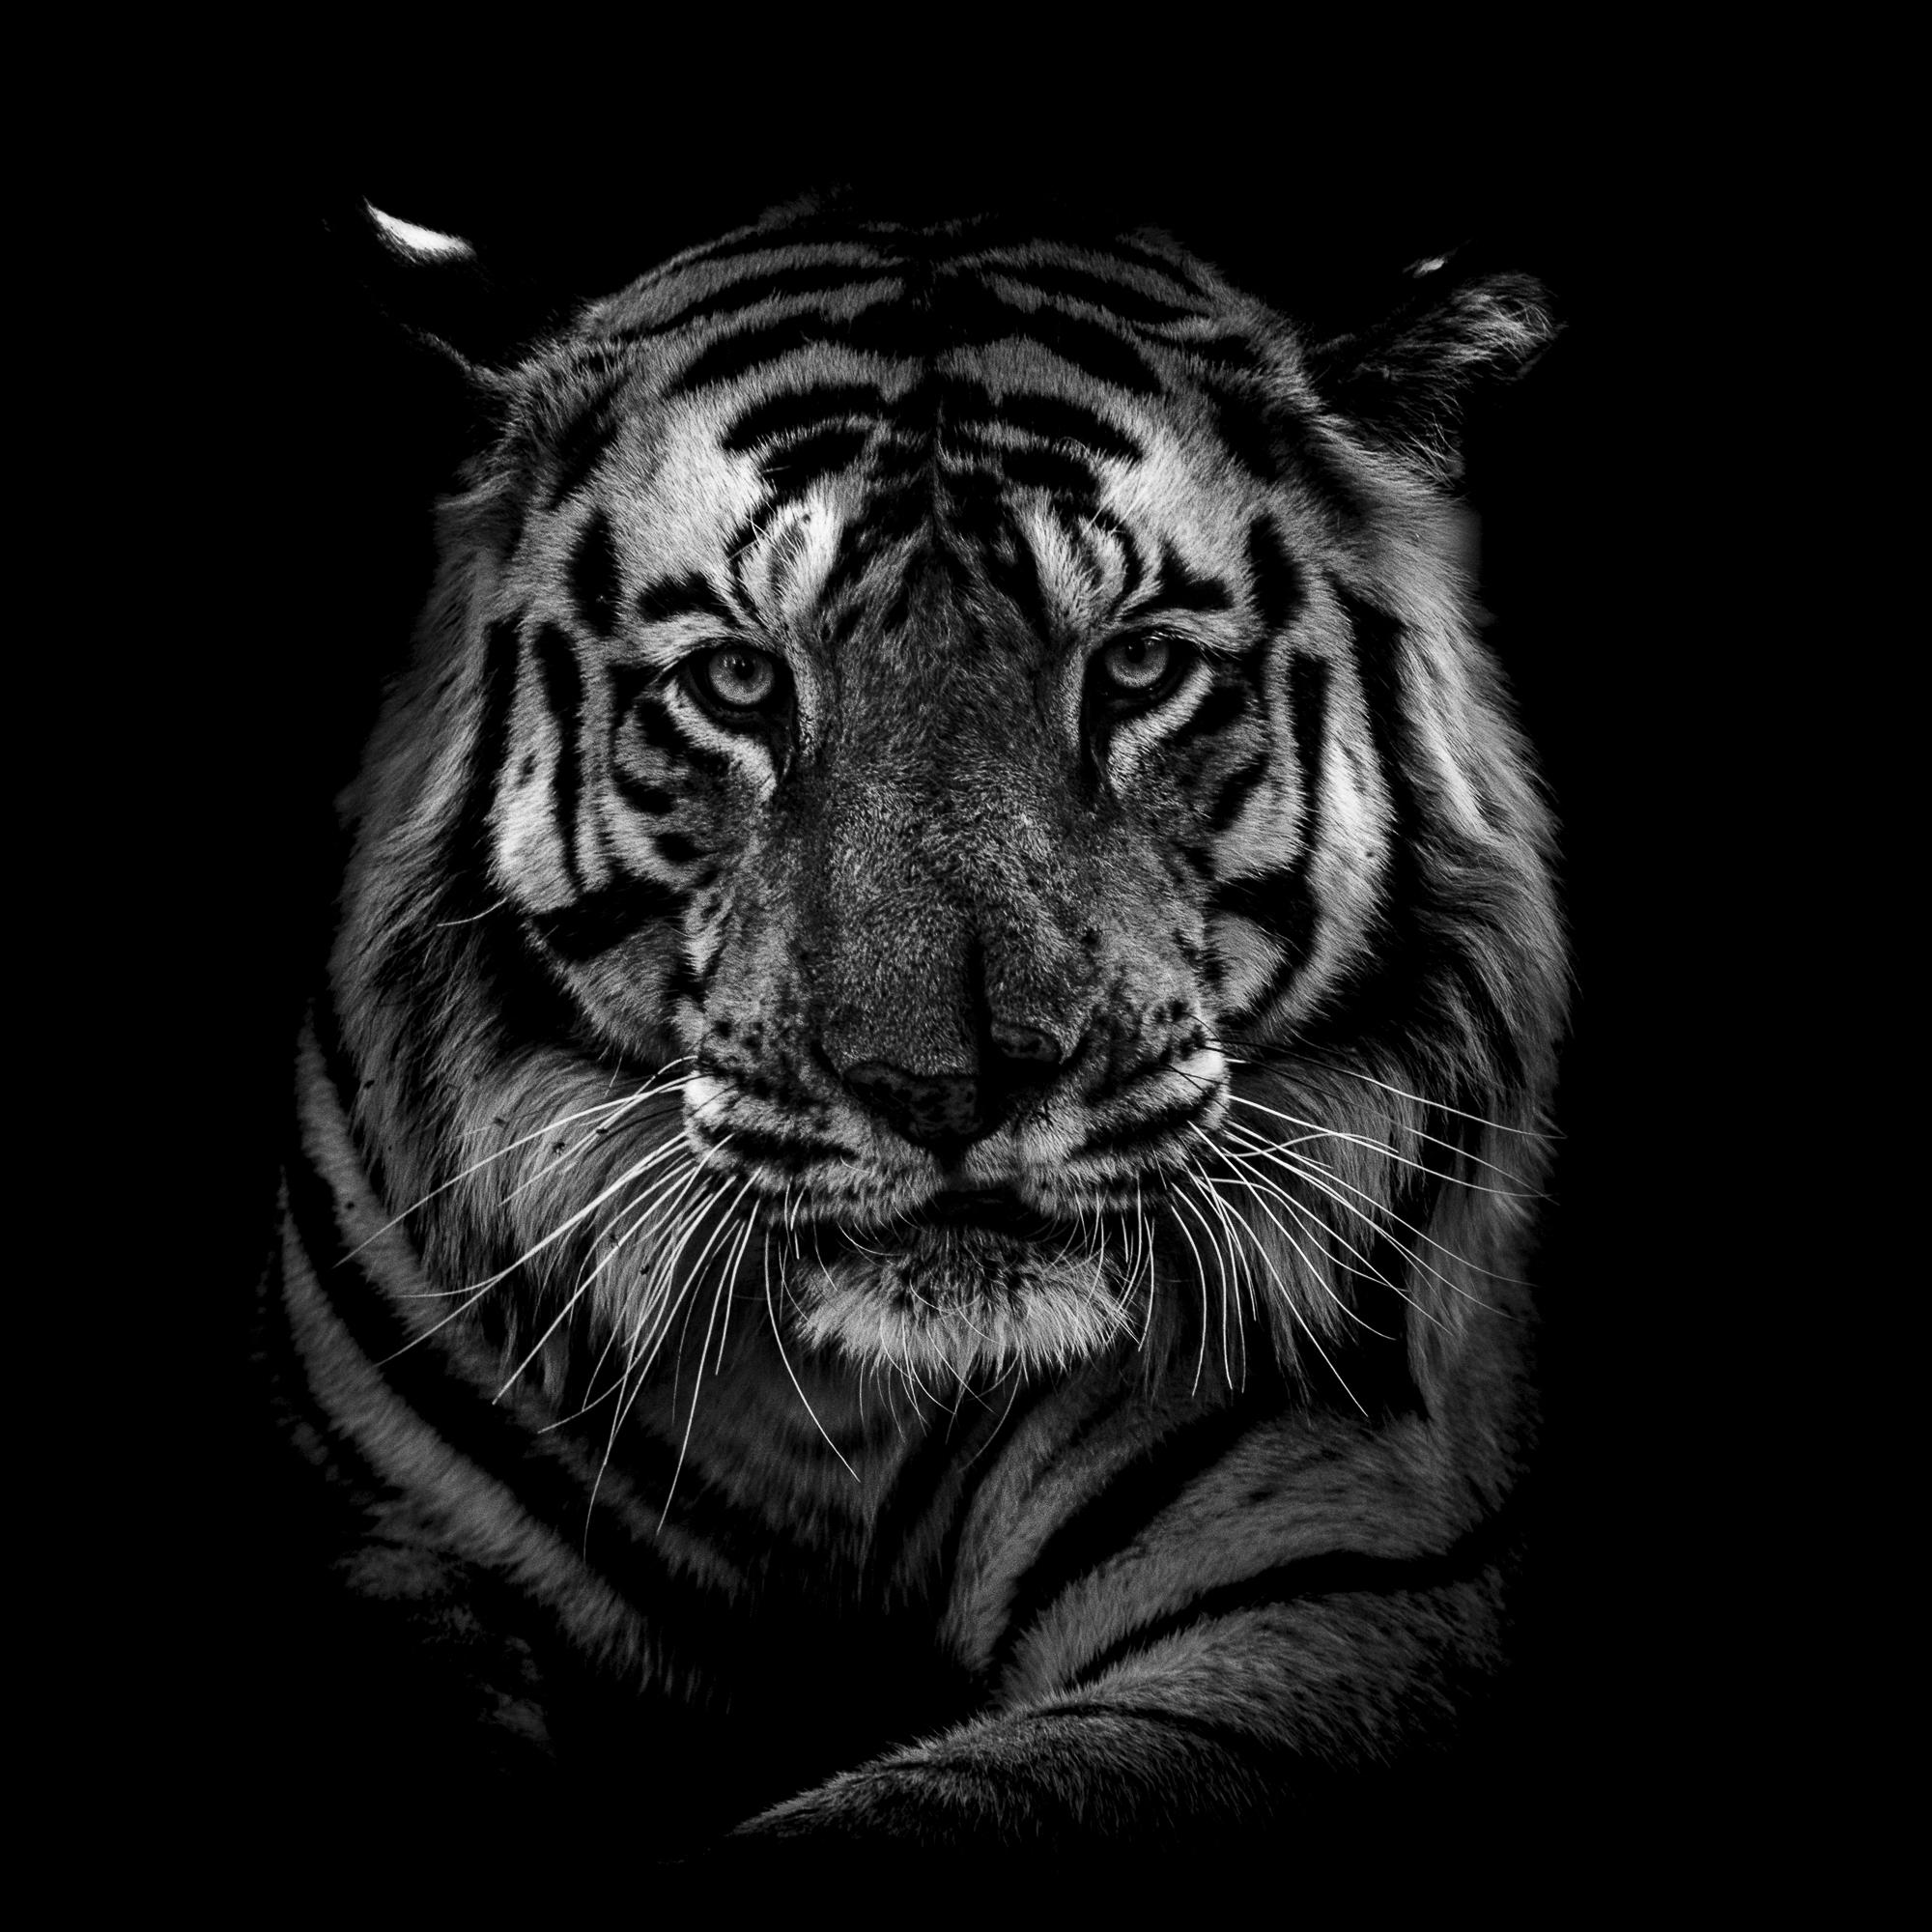 Ankit_Kumar_Tiger_Head.jpg